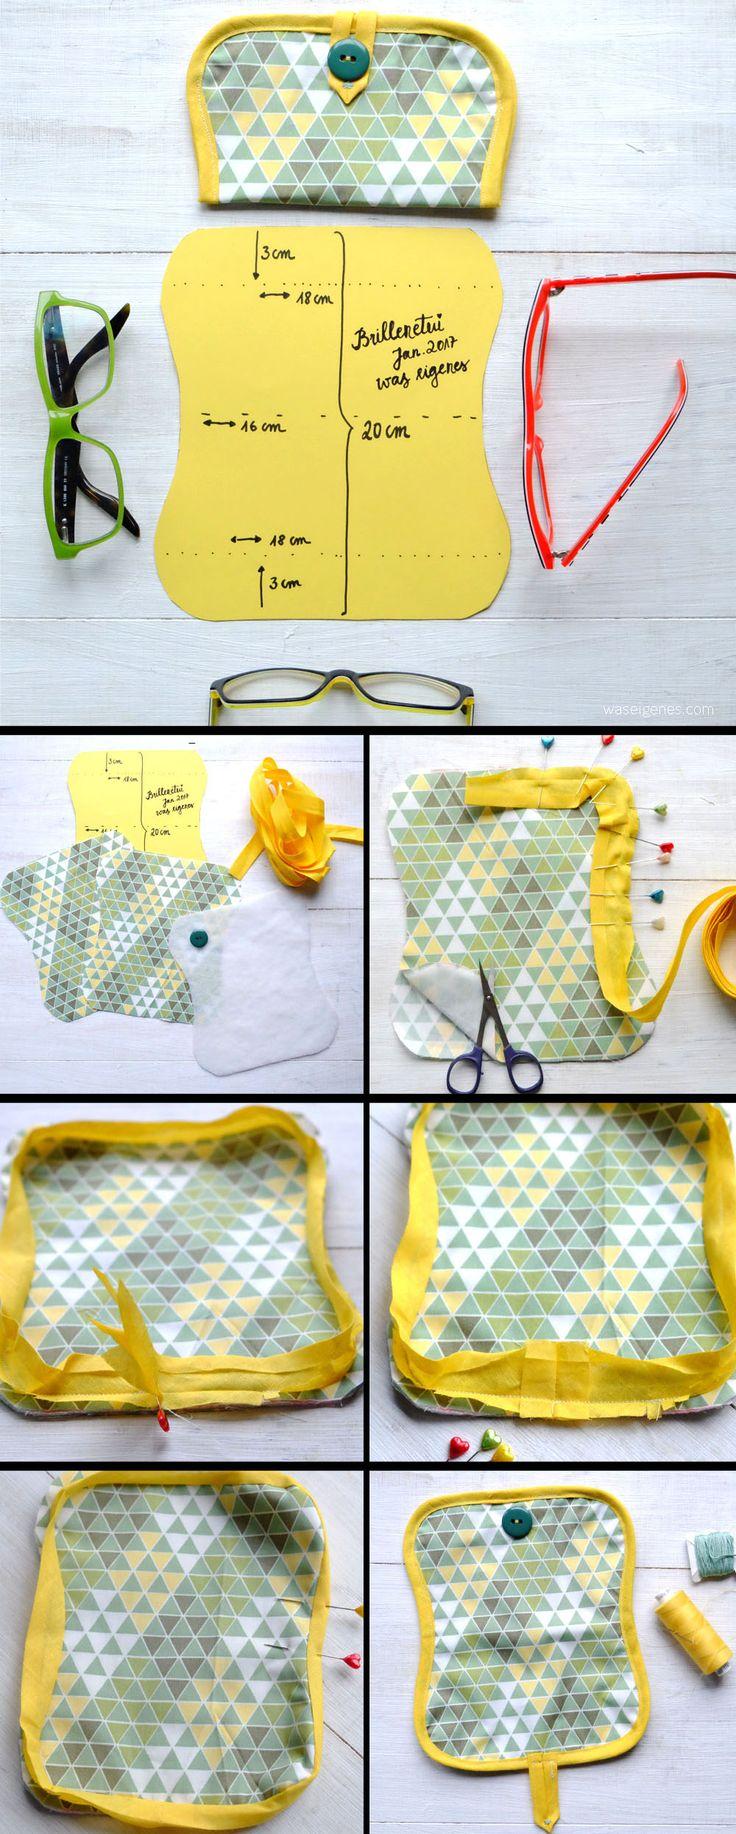 291 besten Nähen - Taschen Bilder auf Pinterest | Taschen, Diy nähen ...